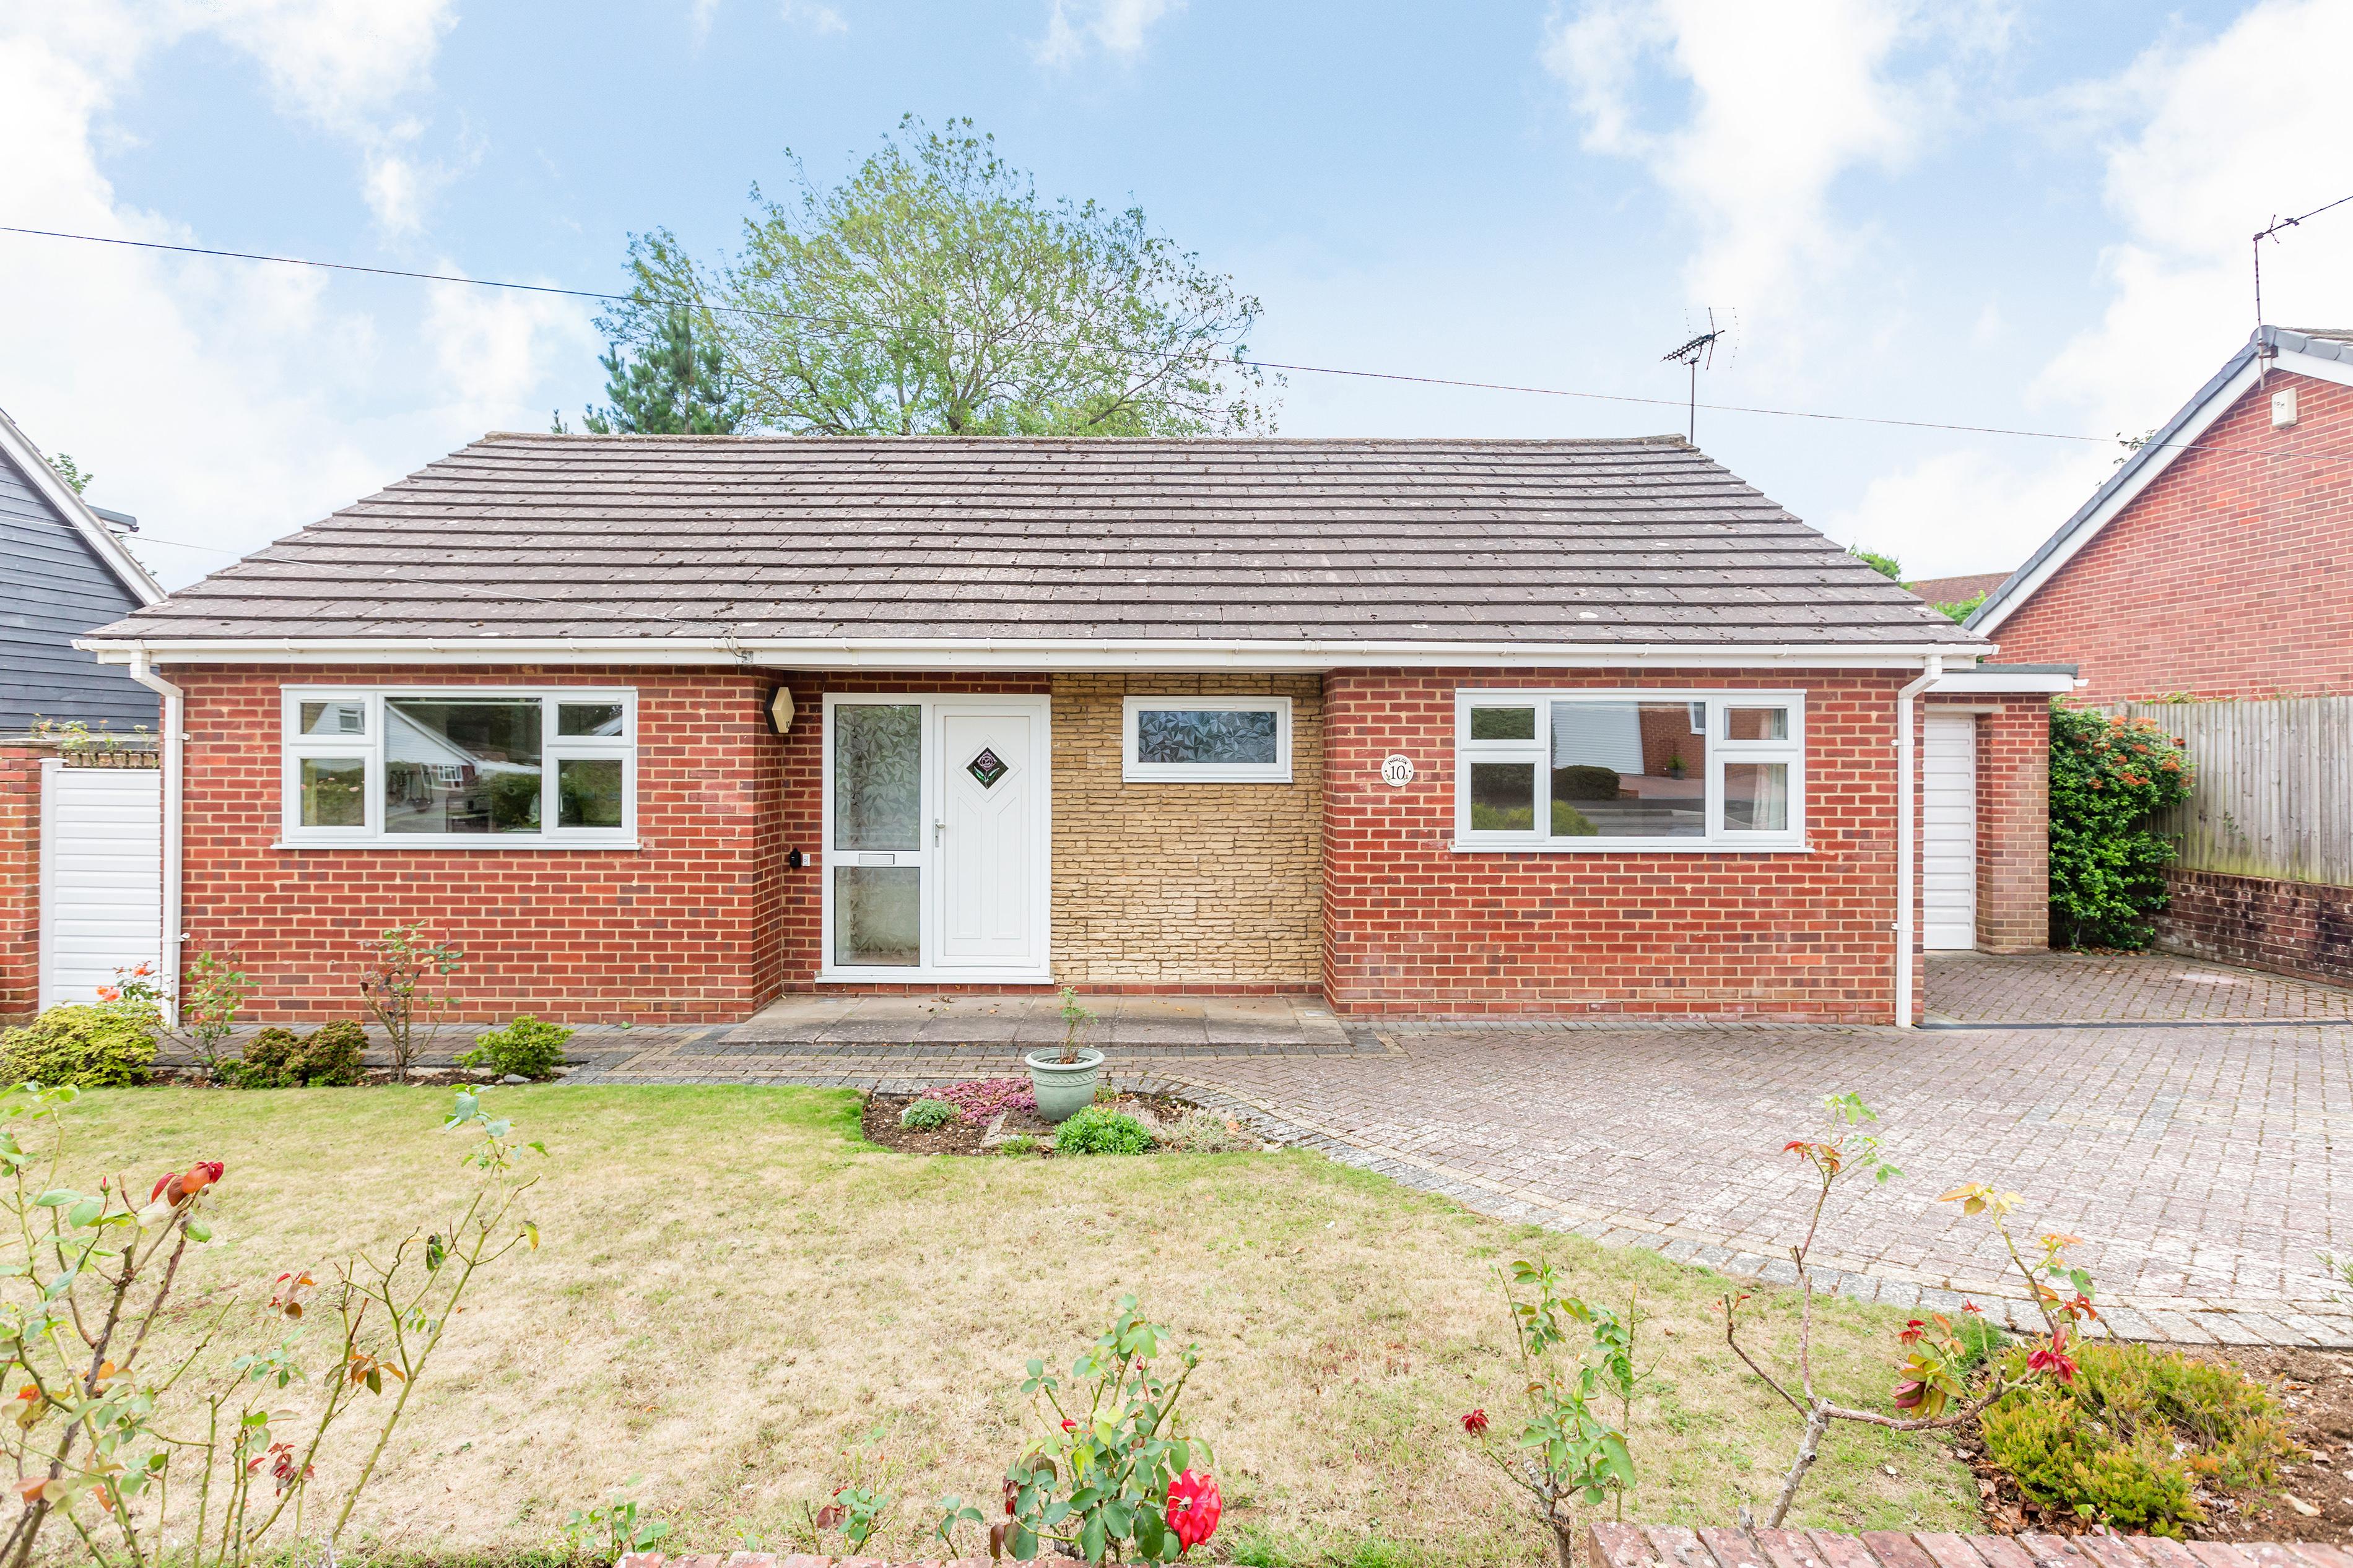 New Barn - OIEO £495,000